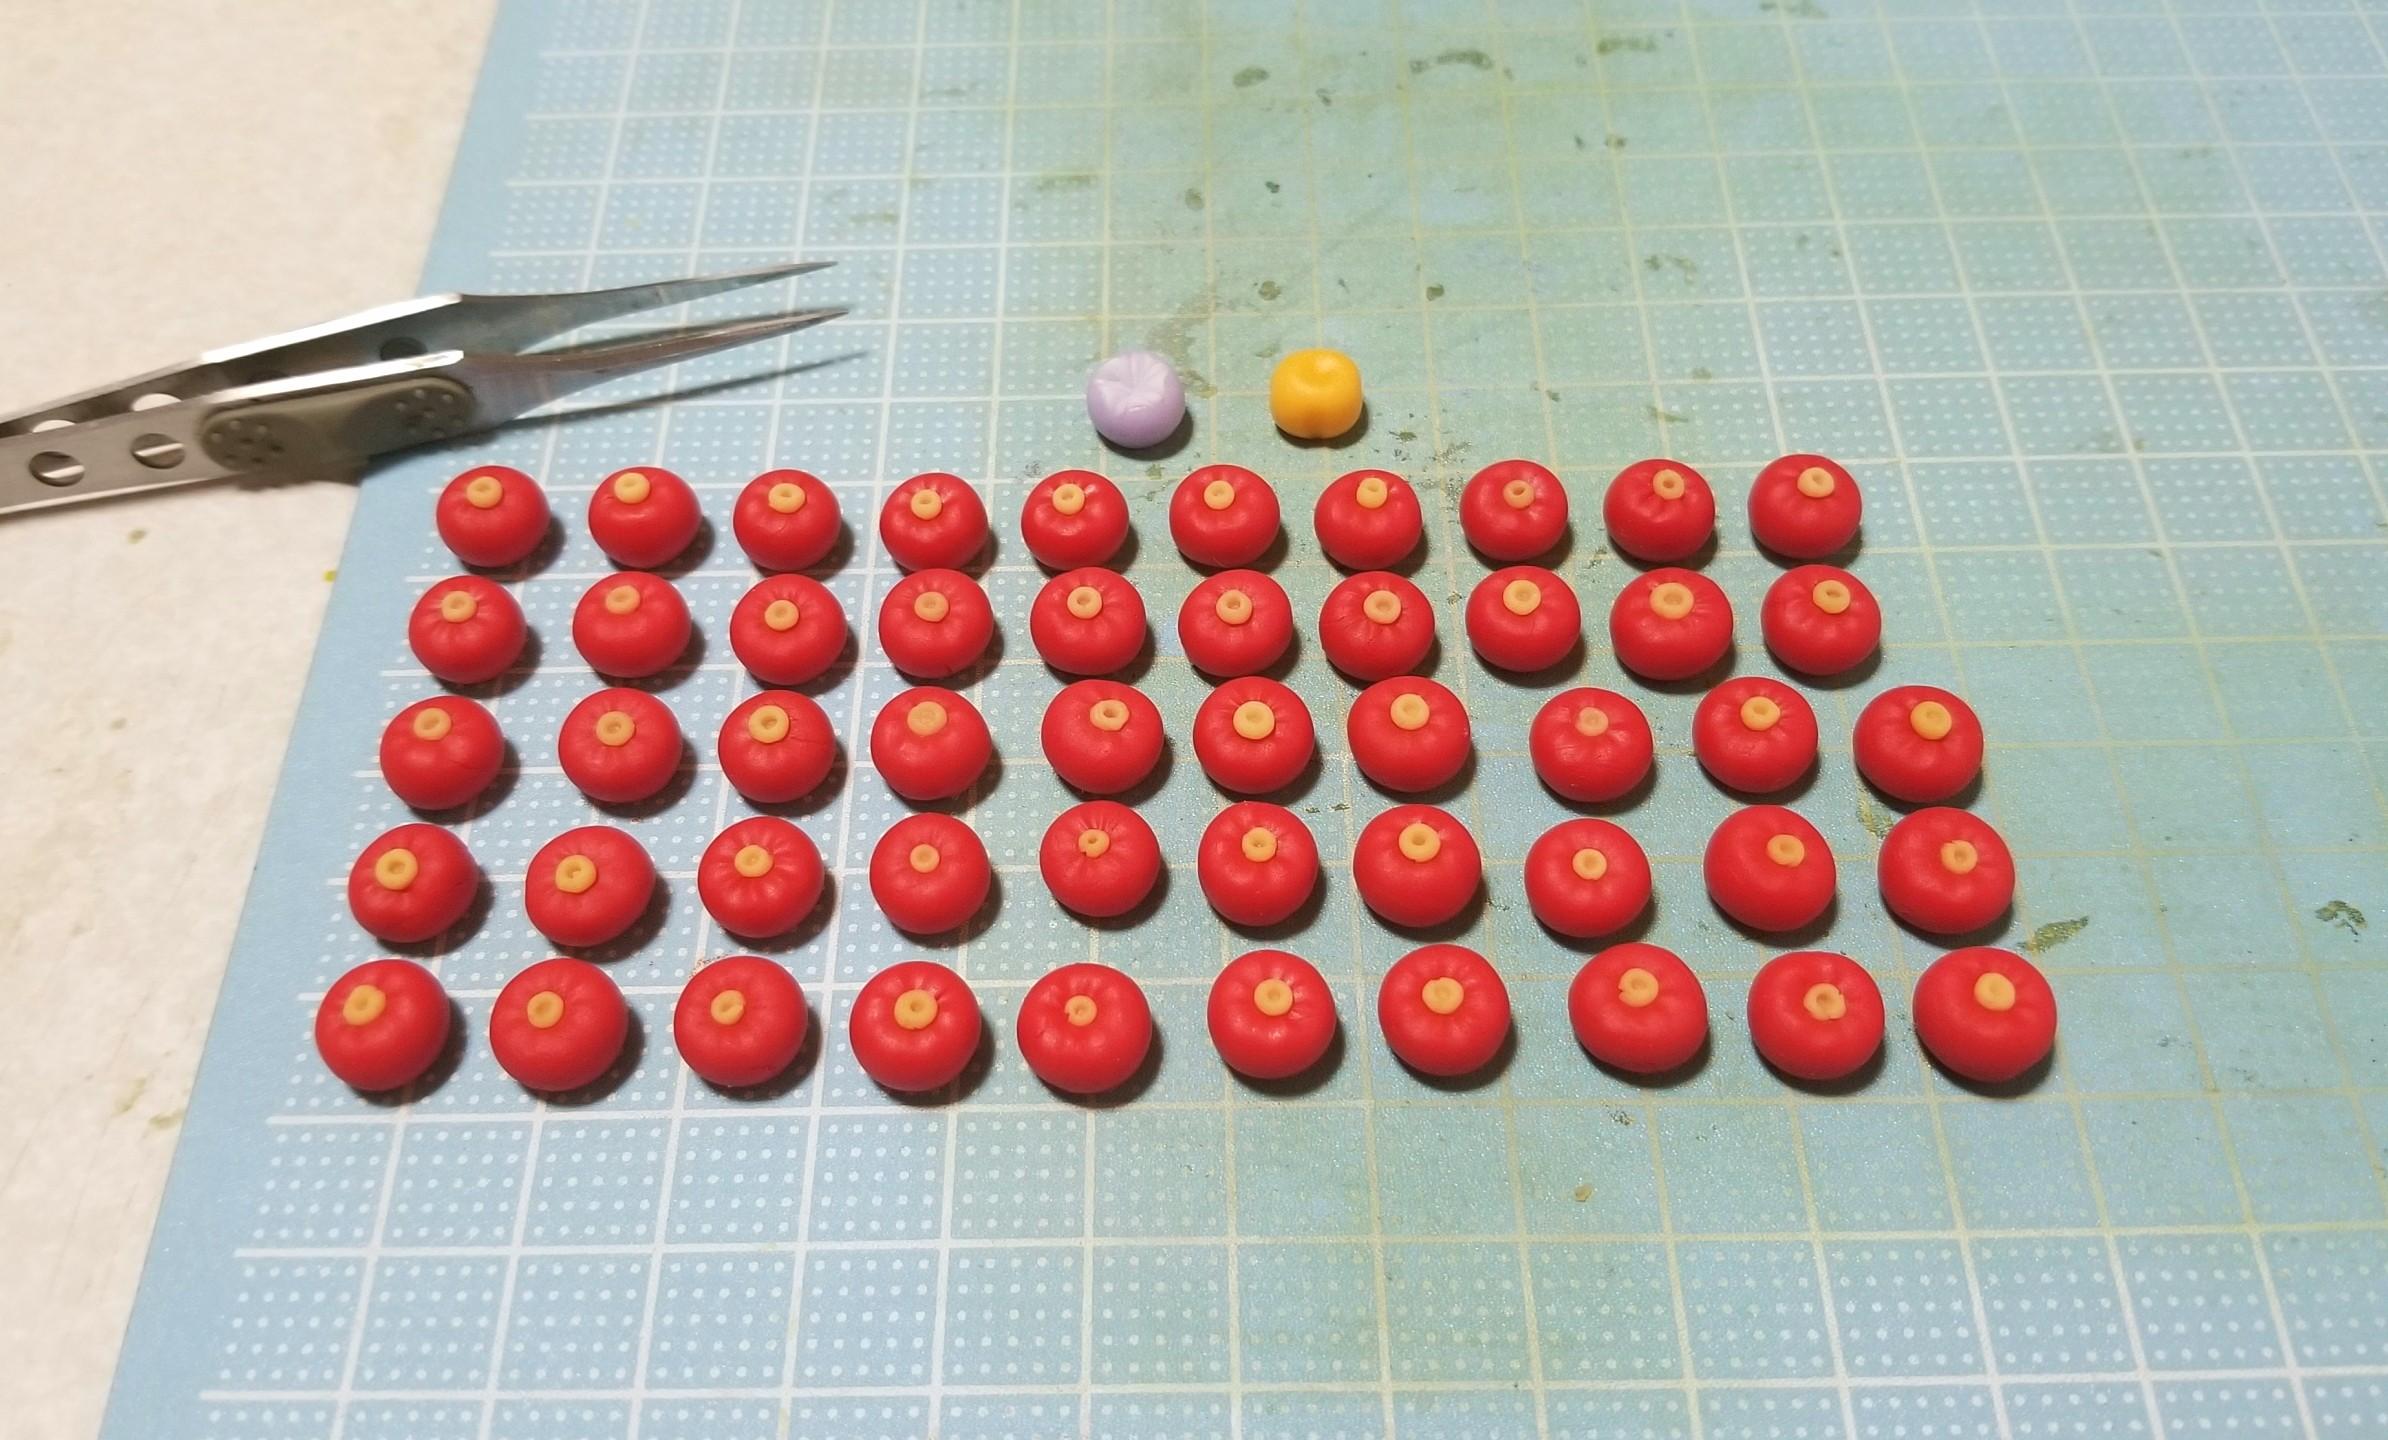 ミニチュアフード,和菓子,練りきり,椿,樹脂粘土,作り方,ハンドメイド